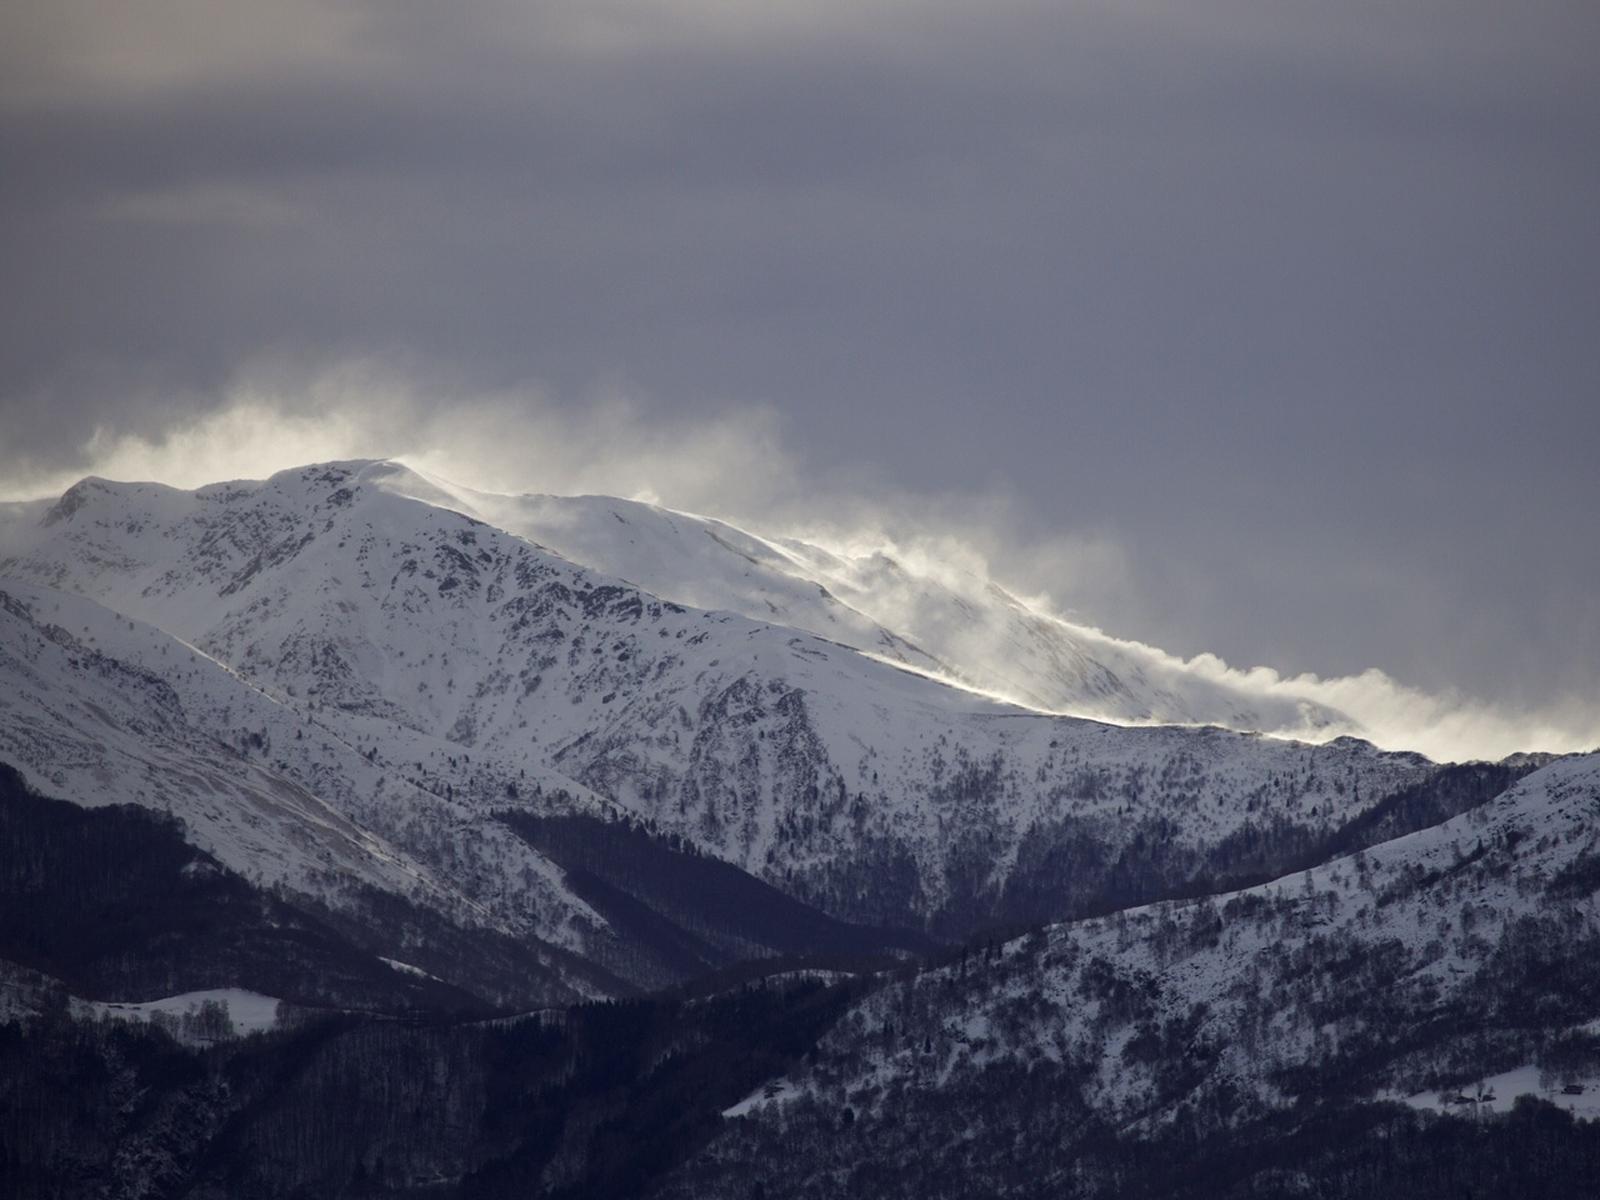 In der Nacht auf Dienstag, 03.03.2020, fiel auf der Alpensüdseite viel Schnee. Dieser wurde intensiv durch den Wind verfrachtet. Auf dem Bild sind grosse Windfahnen am Gazzirola 2.115 m bei Lugano (TI) zu sehen. Foto: L. Silvanti/03.03.2020